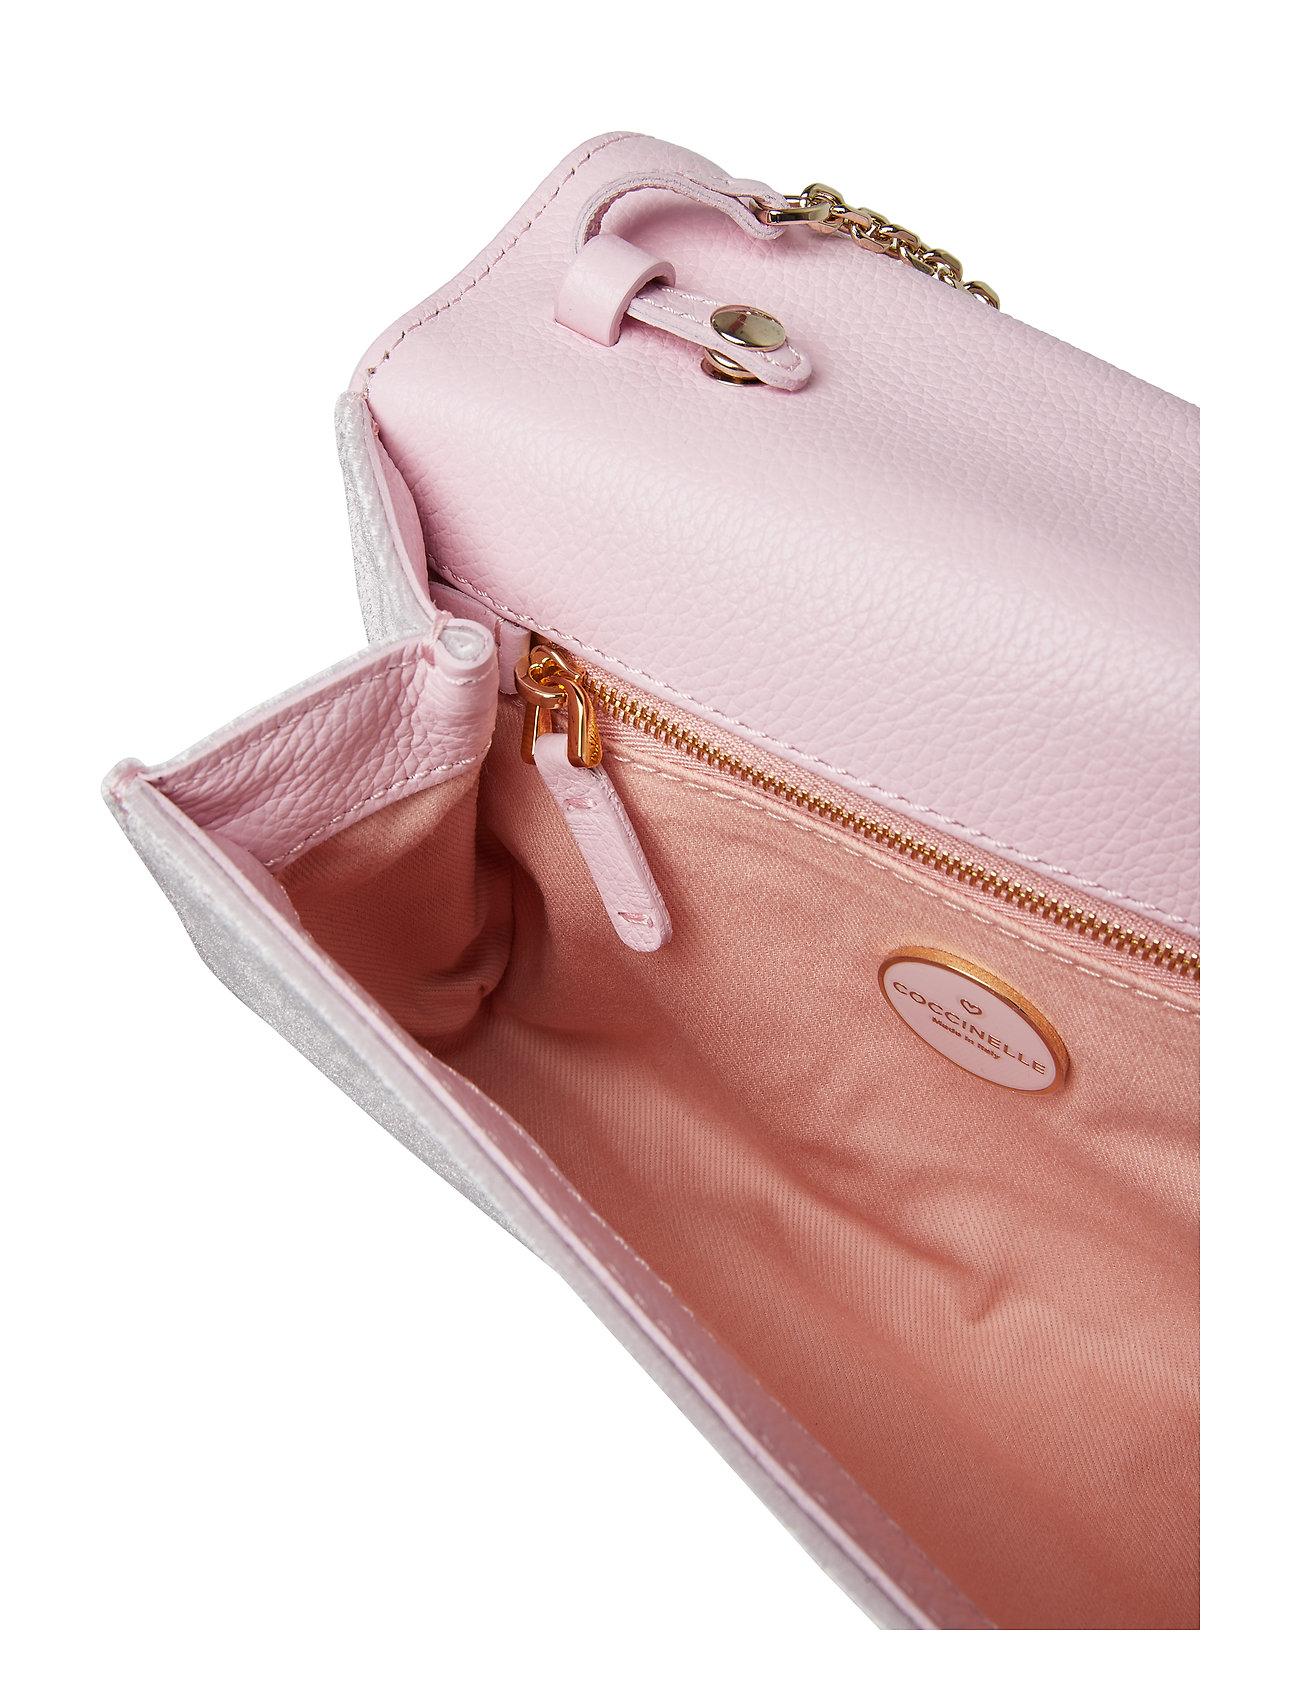 pink Kalliope pink g Kalliope Velvetgrace piCoccinelle Kalliope piCoccinelle g pink Velvetgrace g Velvetgrace ZTulwkPXOi